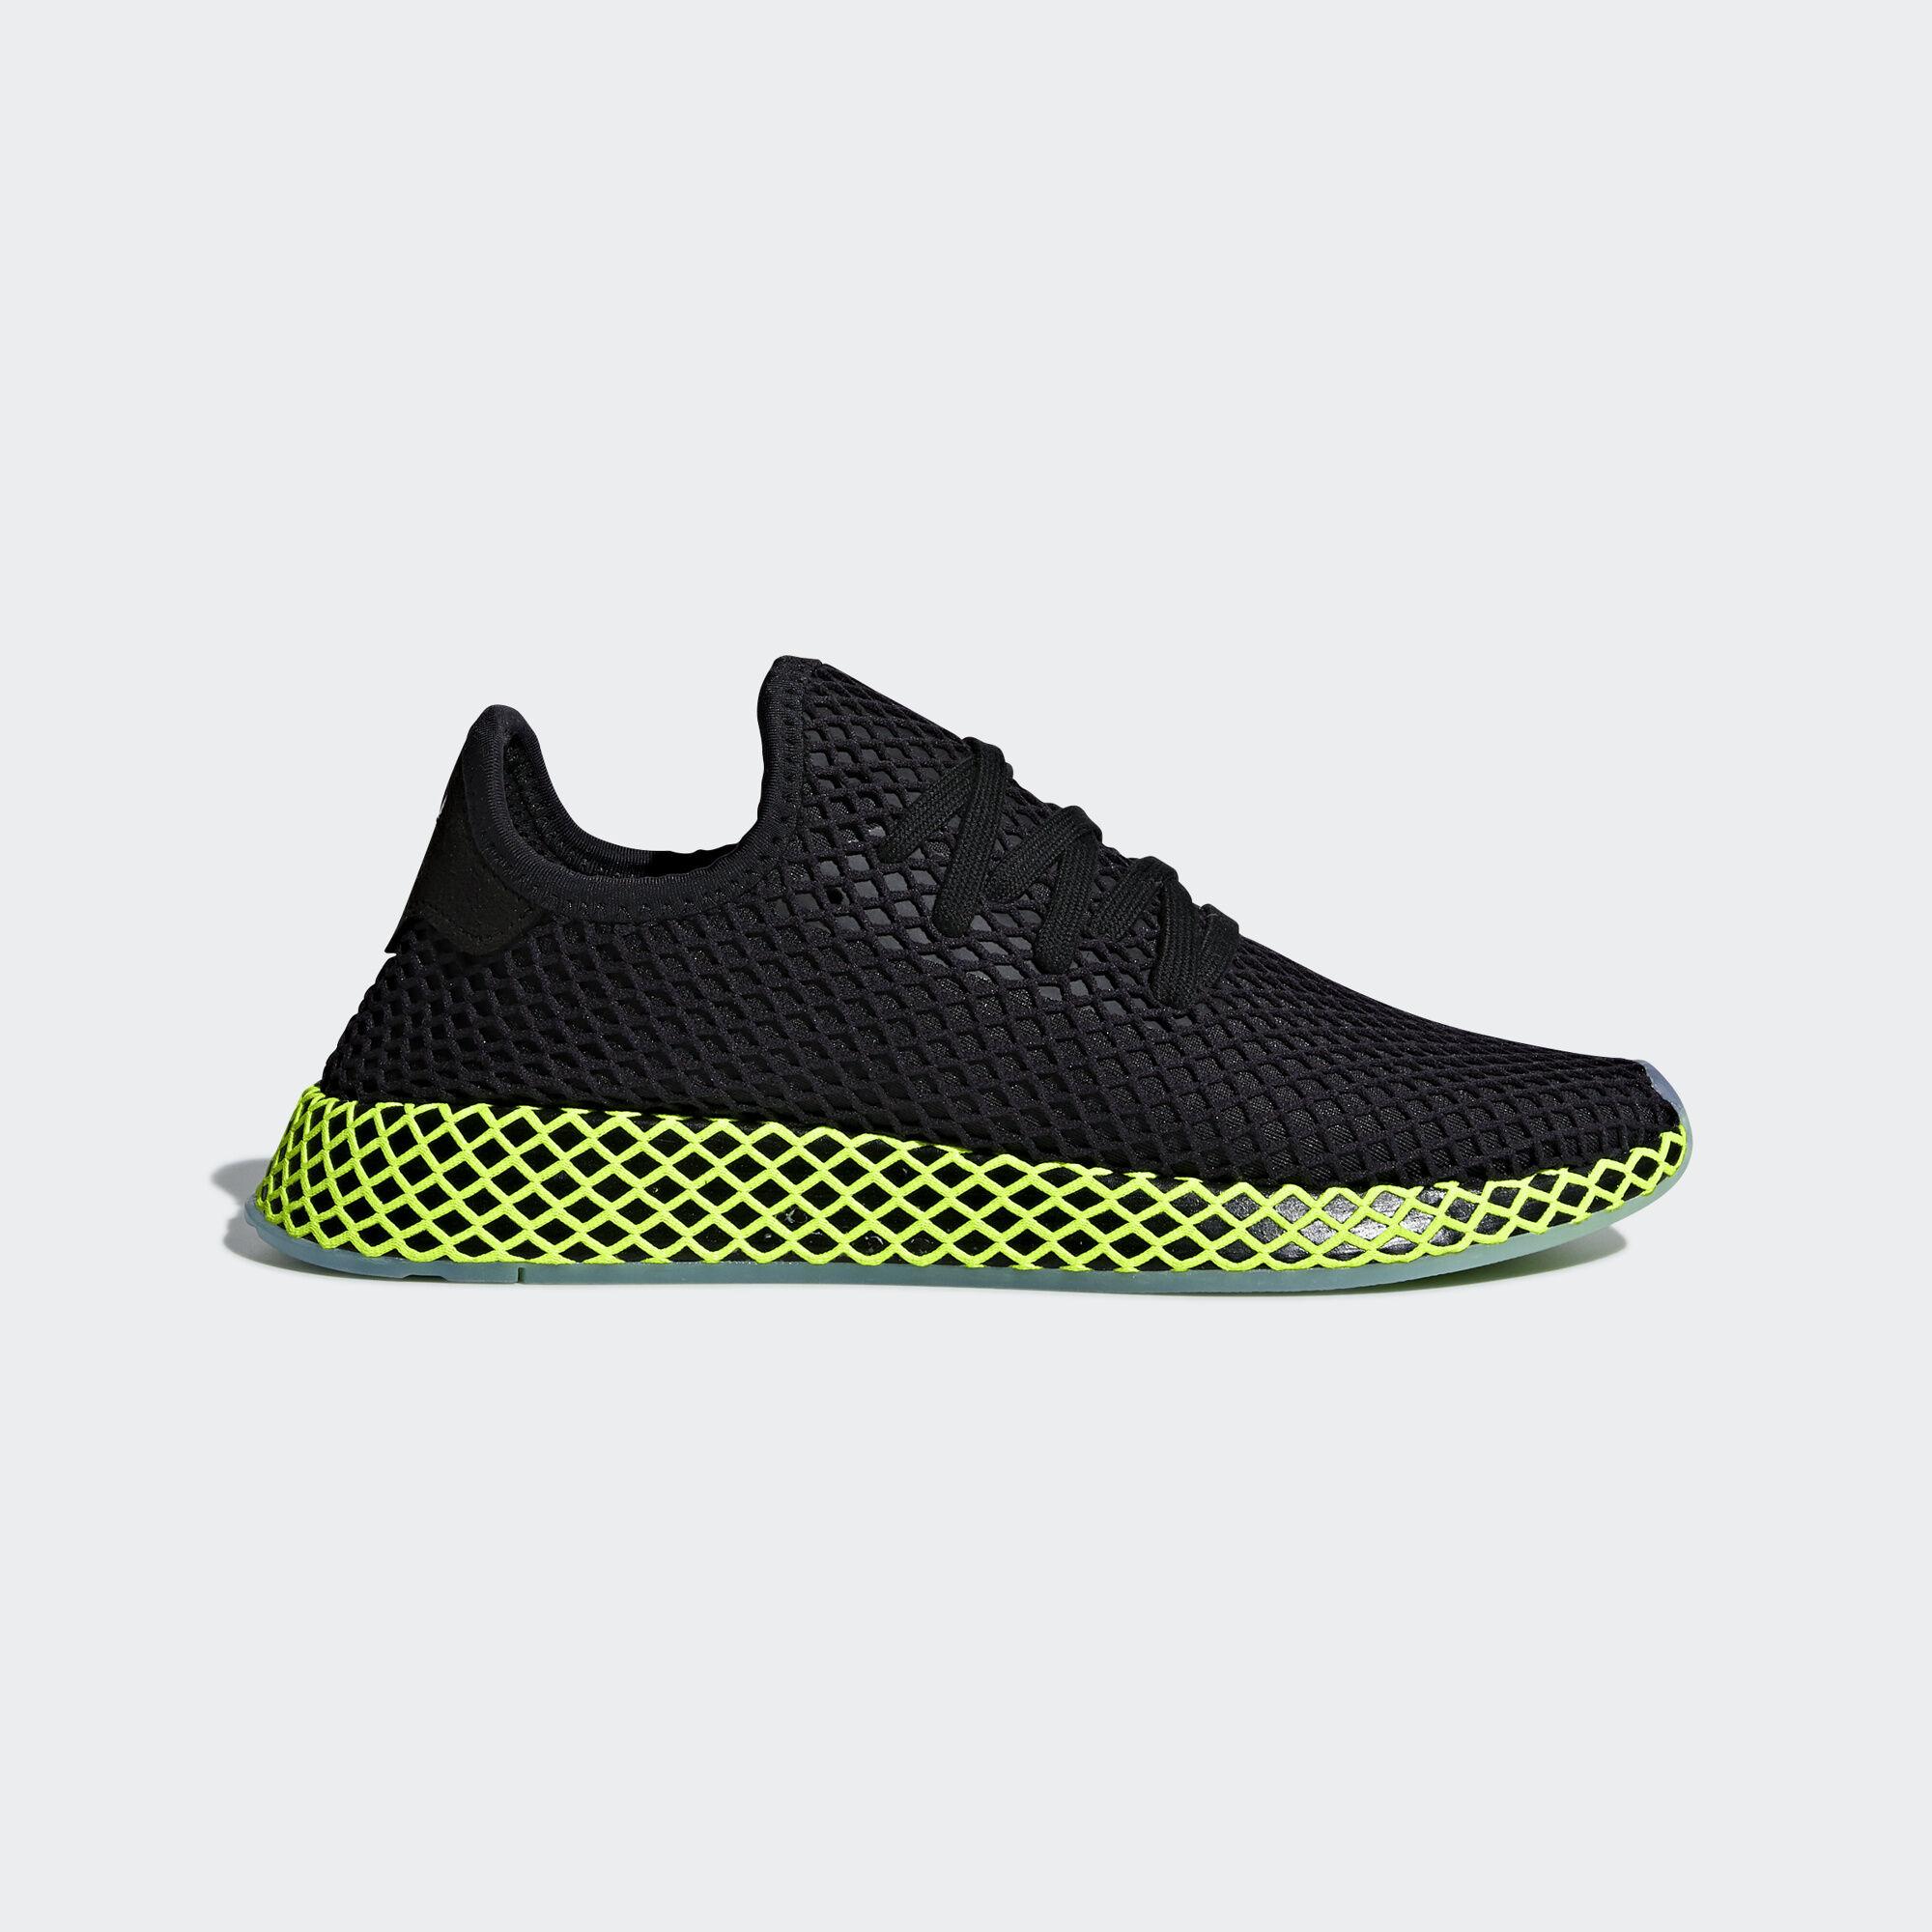 adidas schuhe, schwarze adidas - regionale deerupt läufer